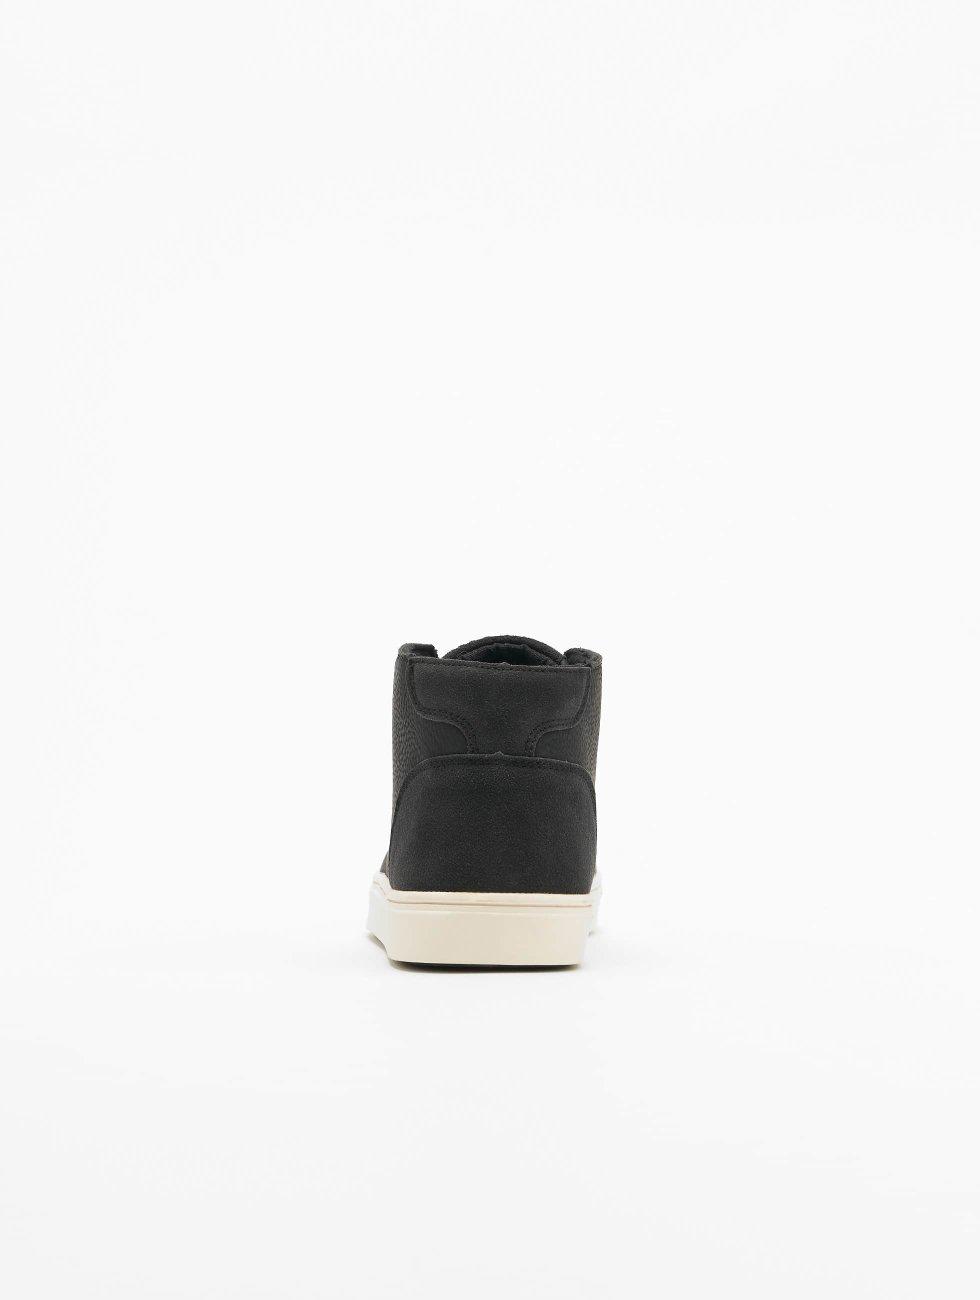 Met Paypal Online Te Koop Korting Modieuze Urban Classics schoen / sneaker Hibi Mide in zwart 293740 Korting Factory Outlet Officiële Online Betrouwbaar Online Te Koop INXhzq0O